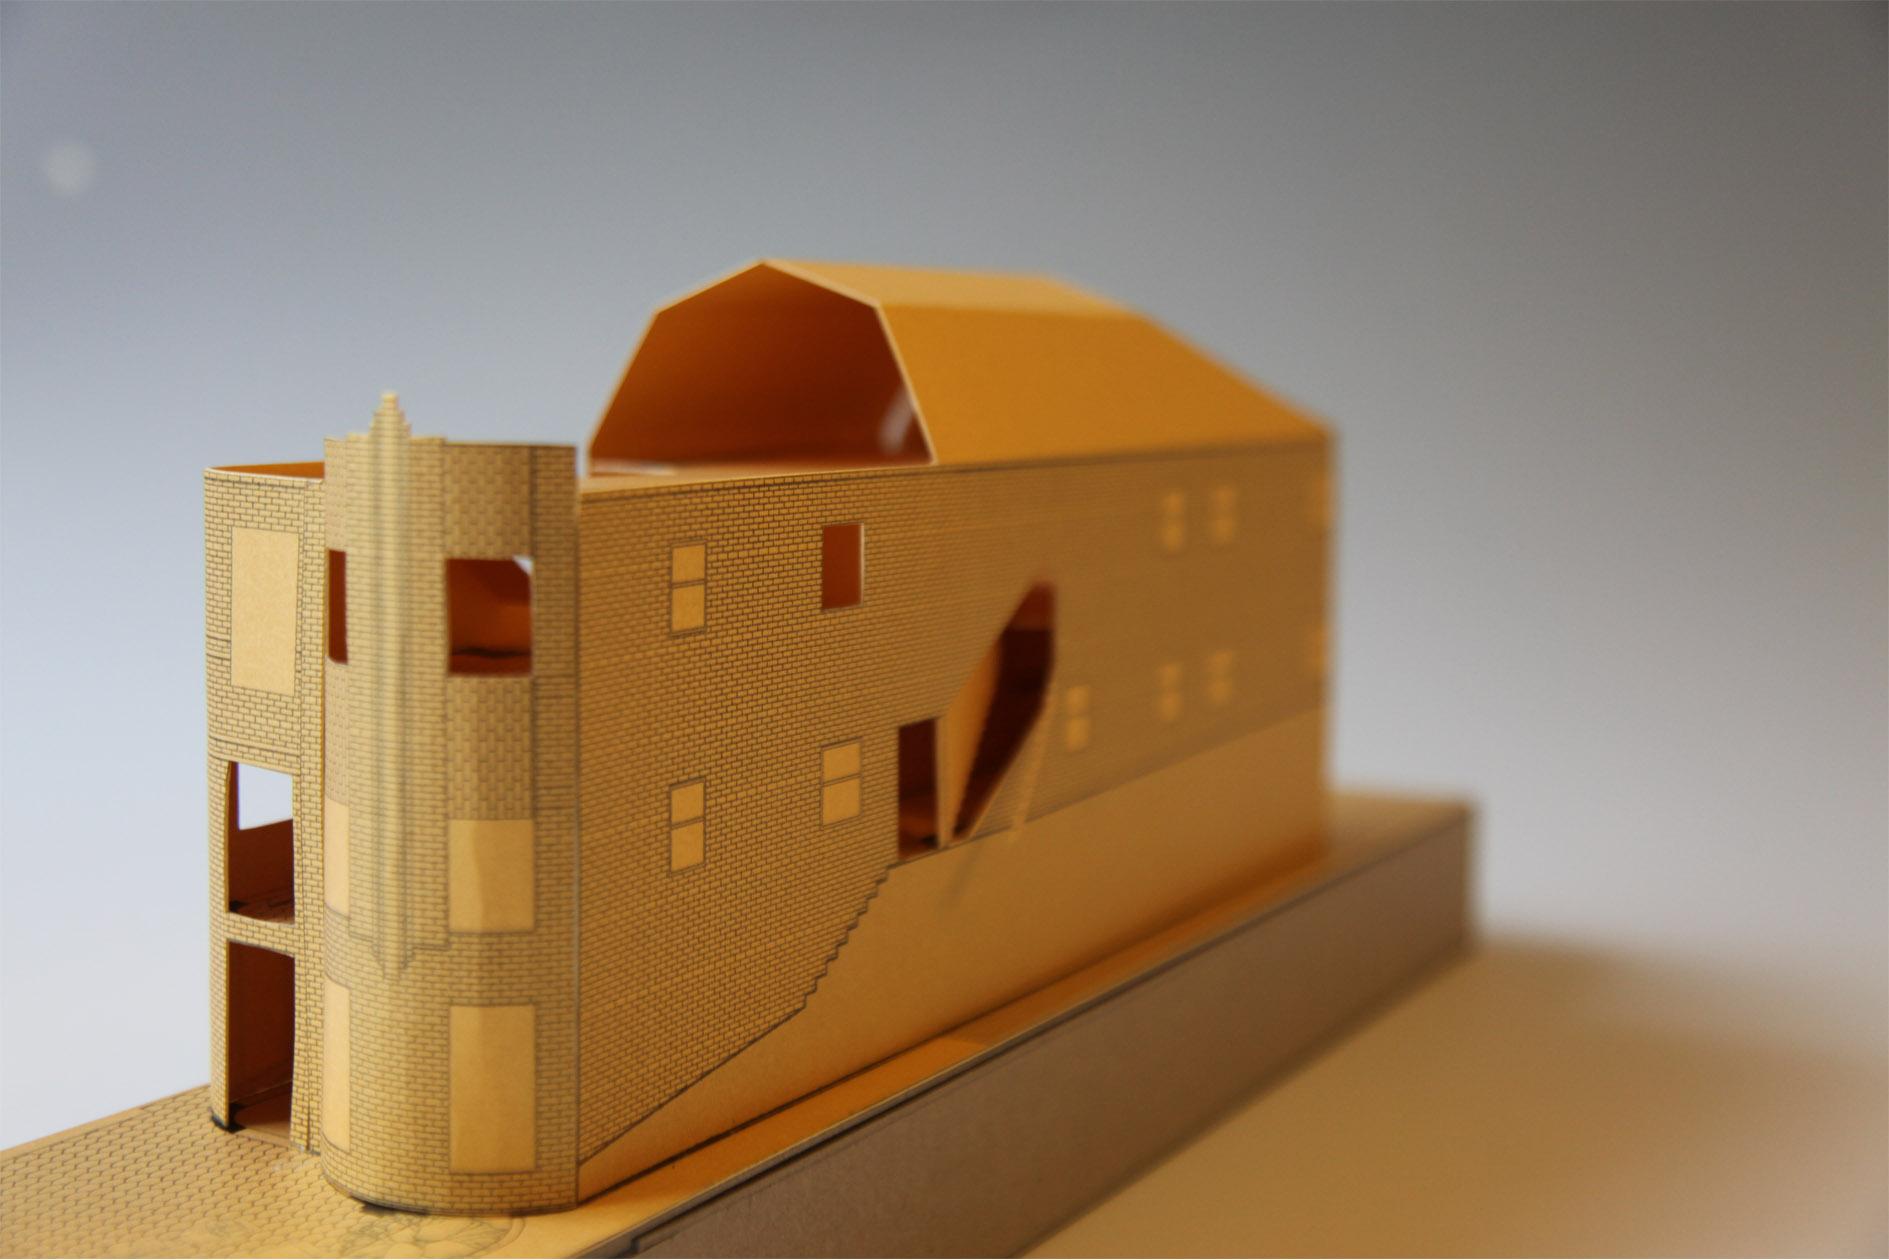 Australia House Model Image 3.jpg